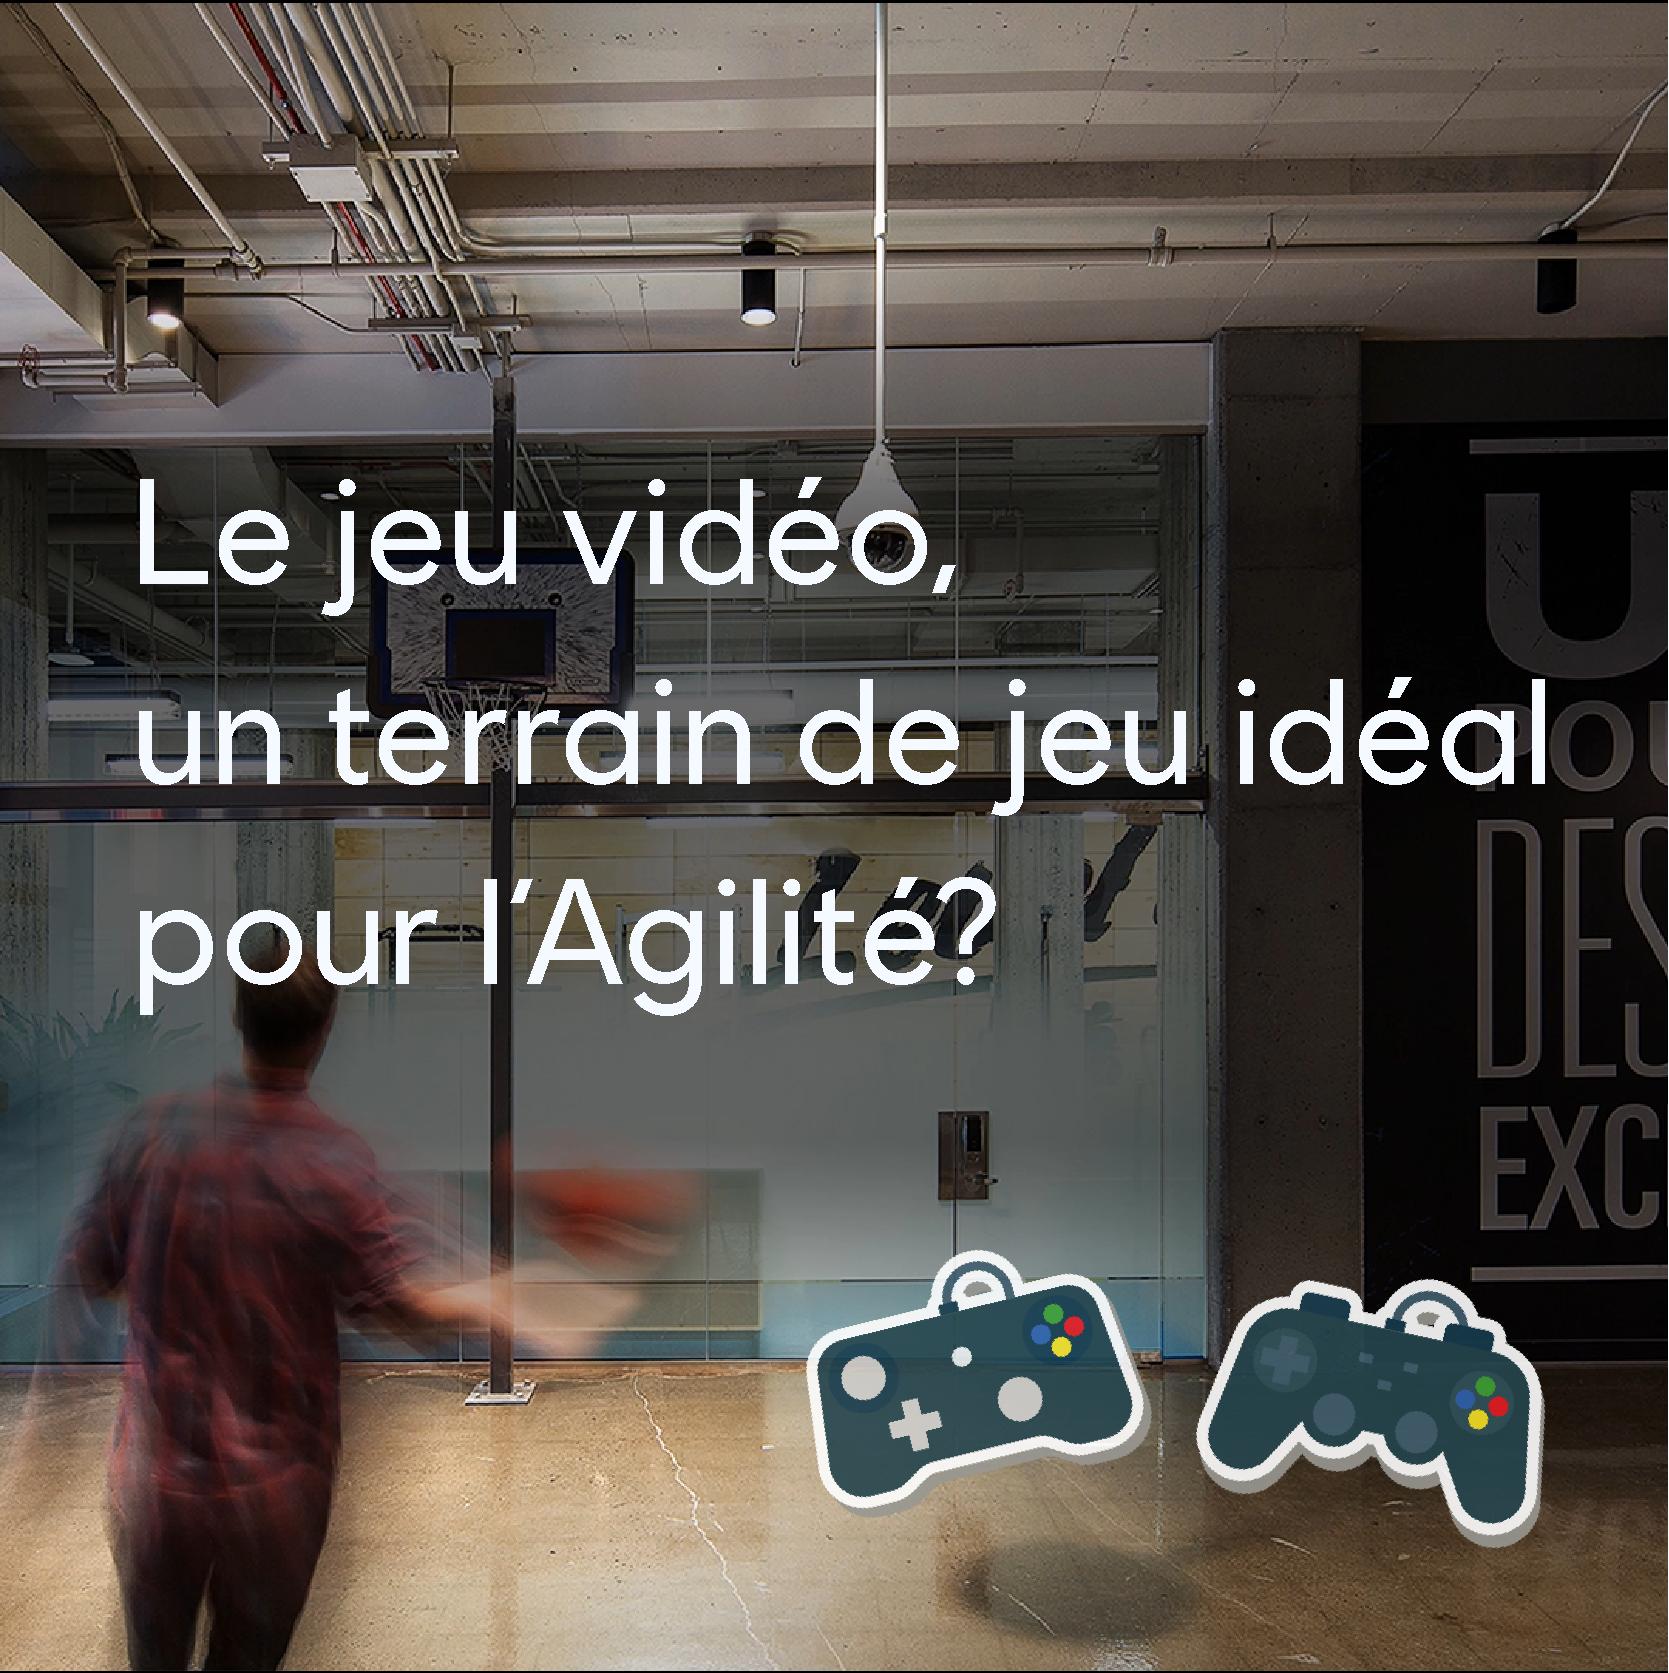 Le jeu vidéo: un terrain de jeu idéal pour l'Agilité ?